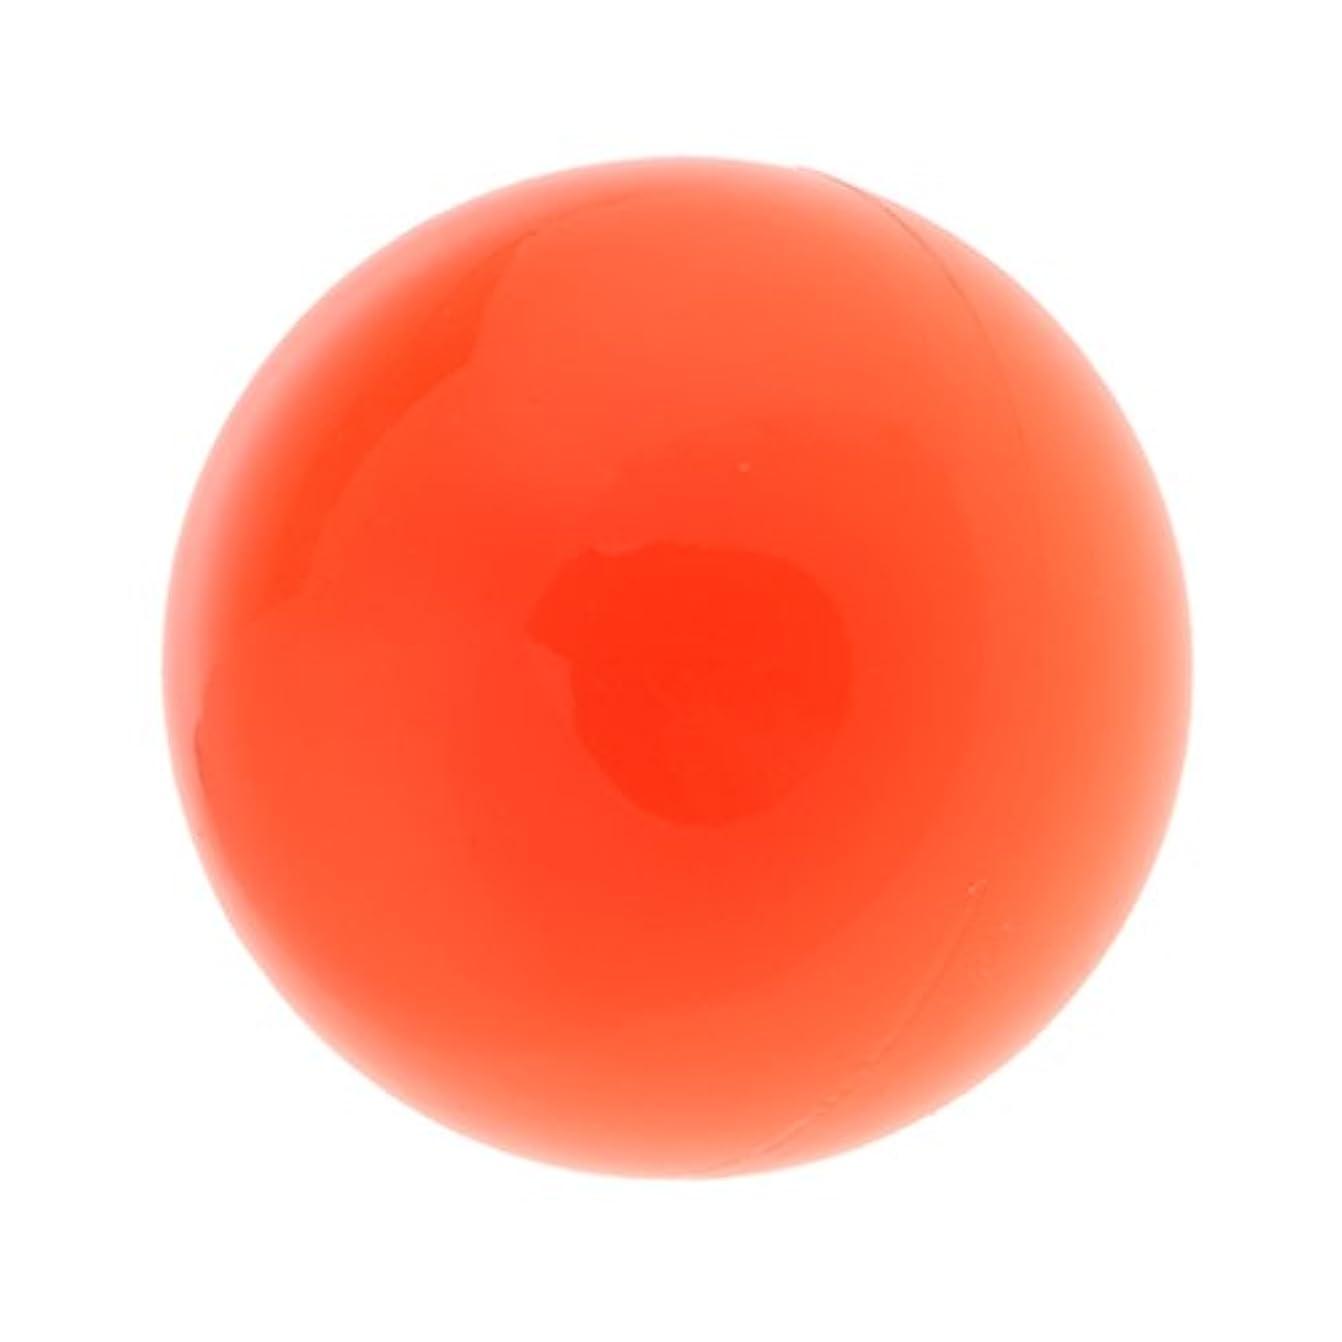 ブラインド不毛のラウンジラクロスマッサージボール マッサージボール マッサージ 手のひら 足 腕 首 背中 足首 ジム ホーム 便利 オレンジ